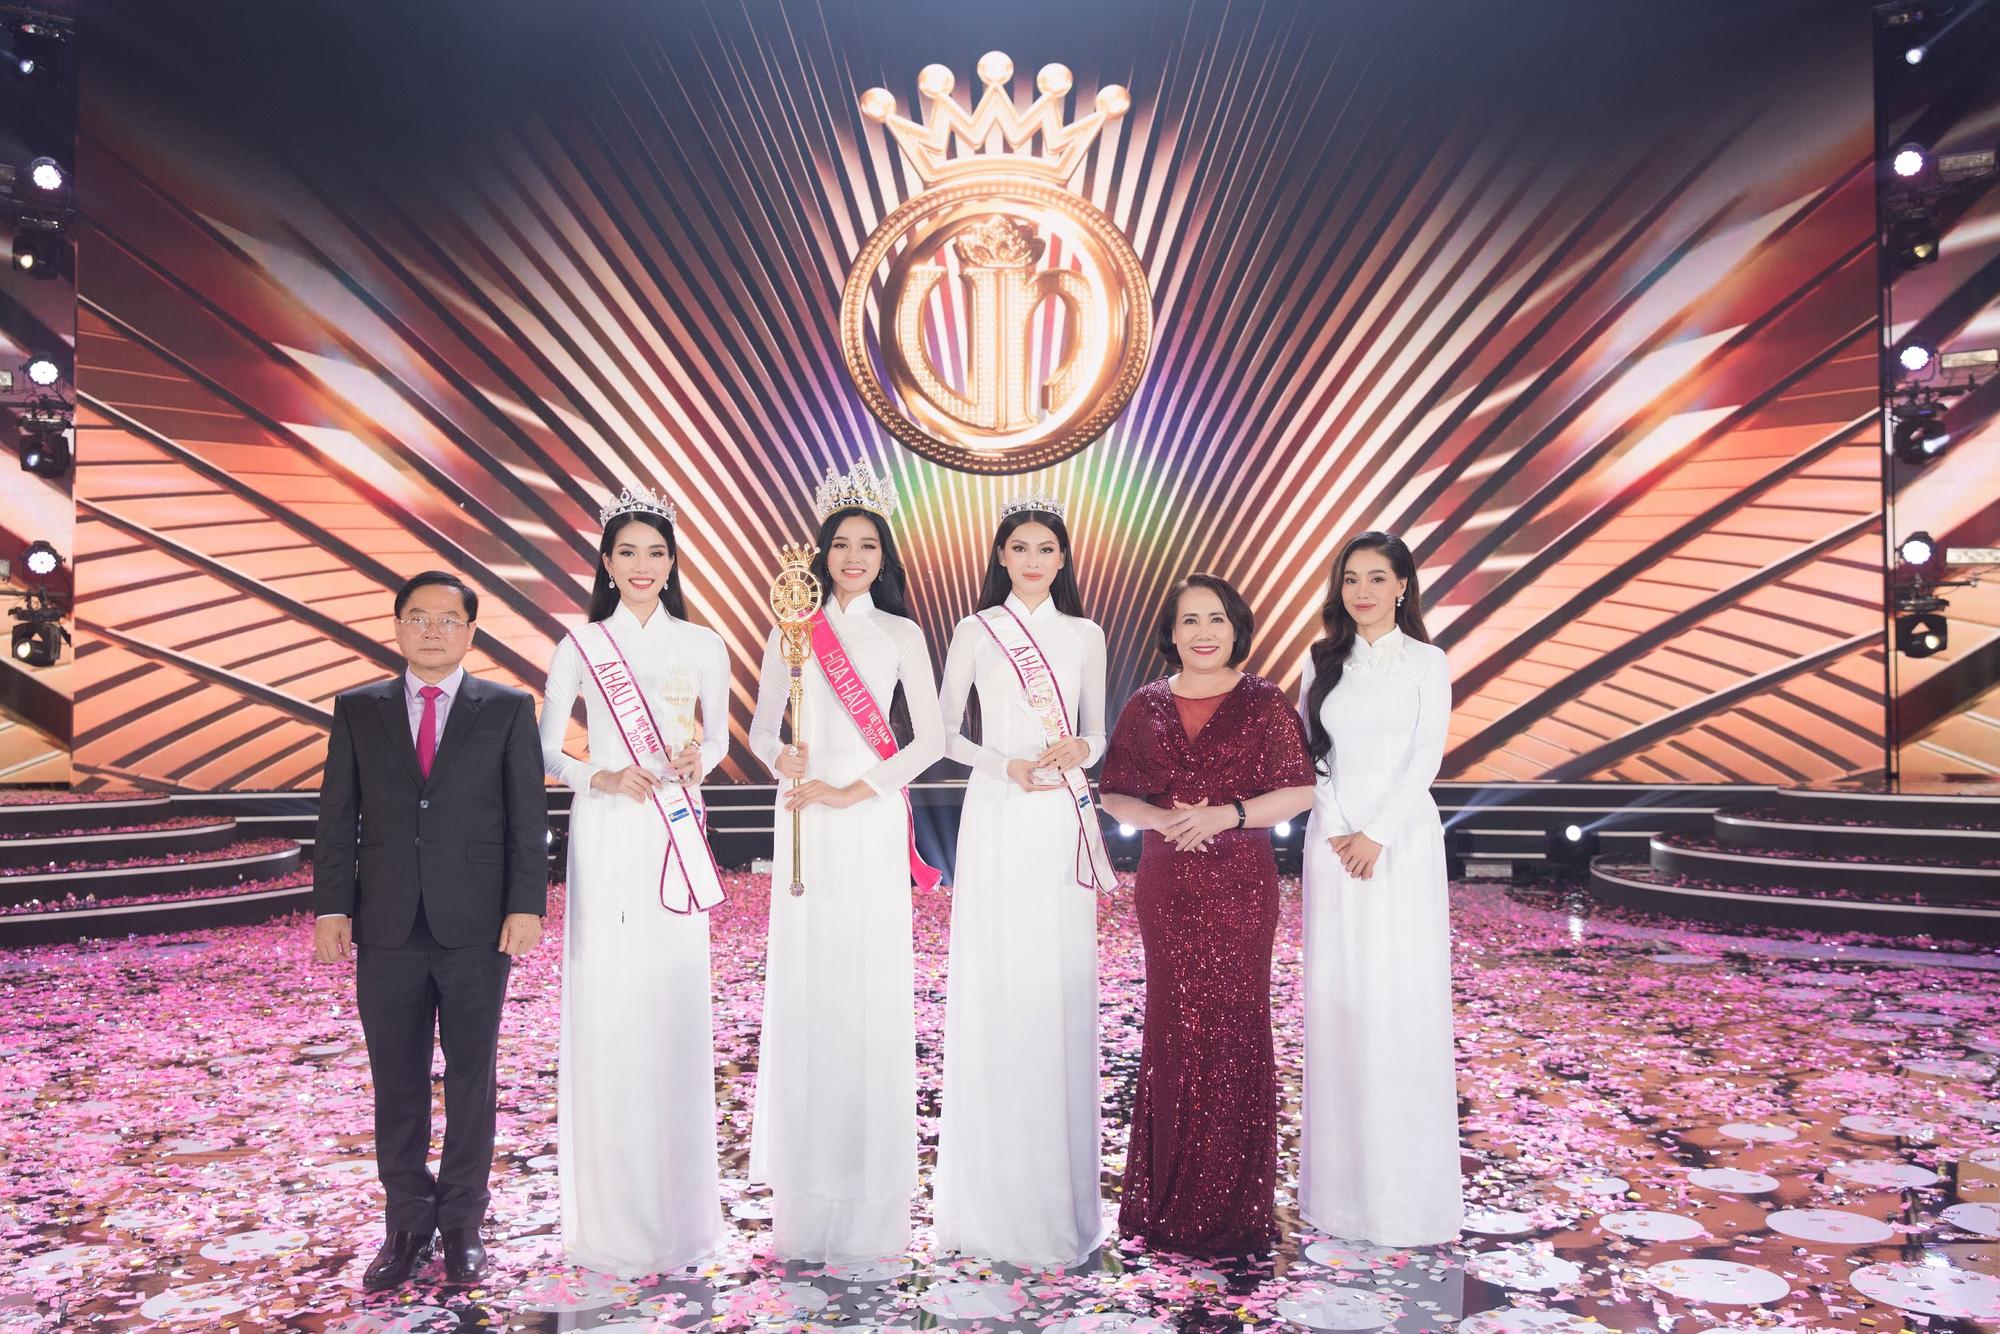 Go Spring đồng hành cùng Hoa hậu Việt Nam 2020 tại đêm Chung kết - Đêm bùng nổ của thập kỷ hương sắc mới - Ảnh 3.